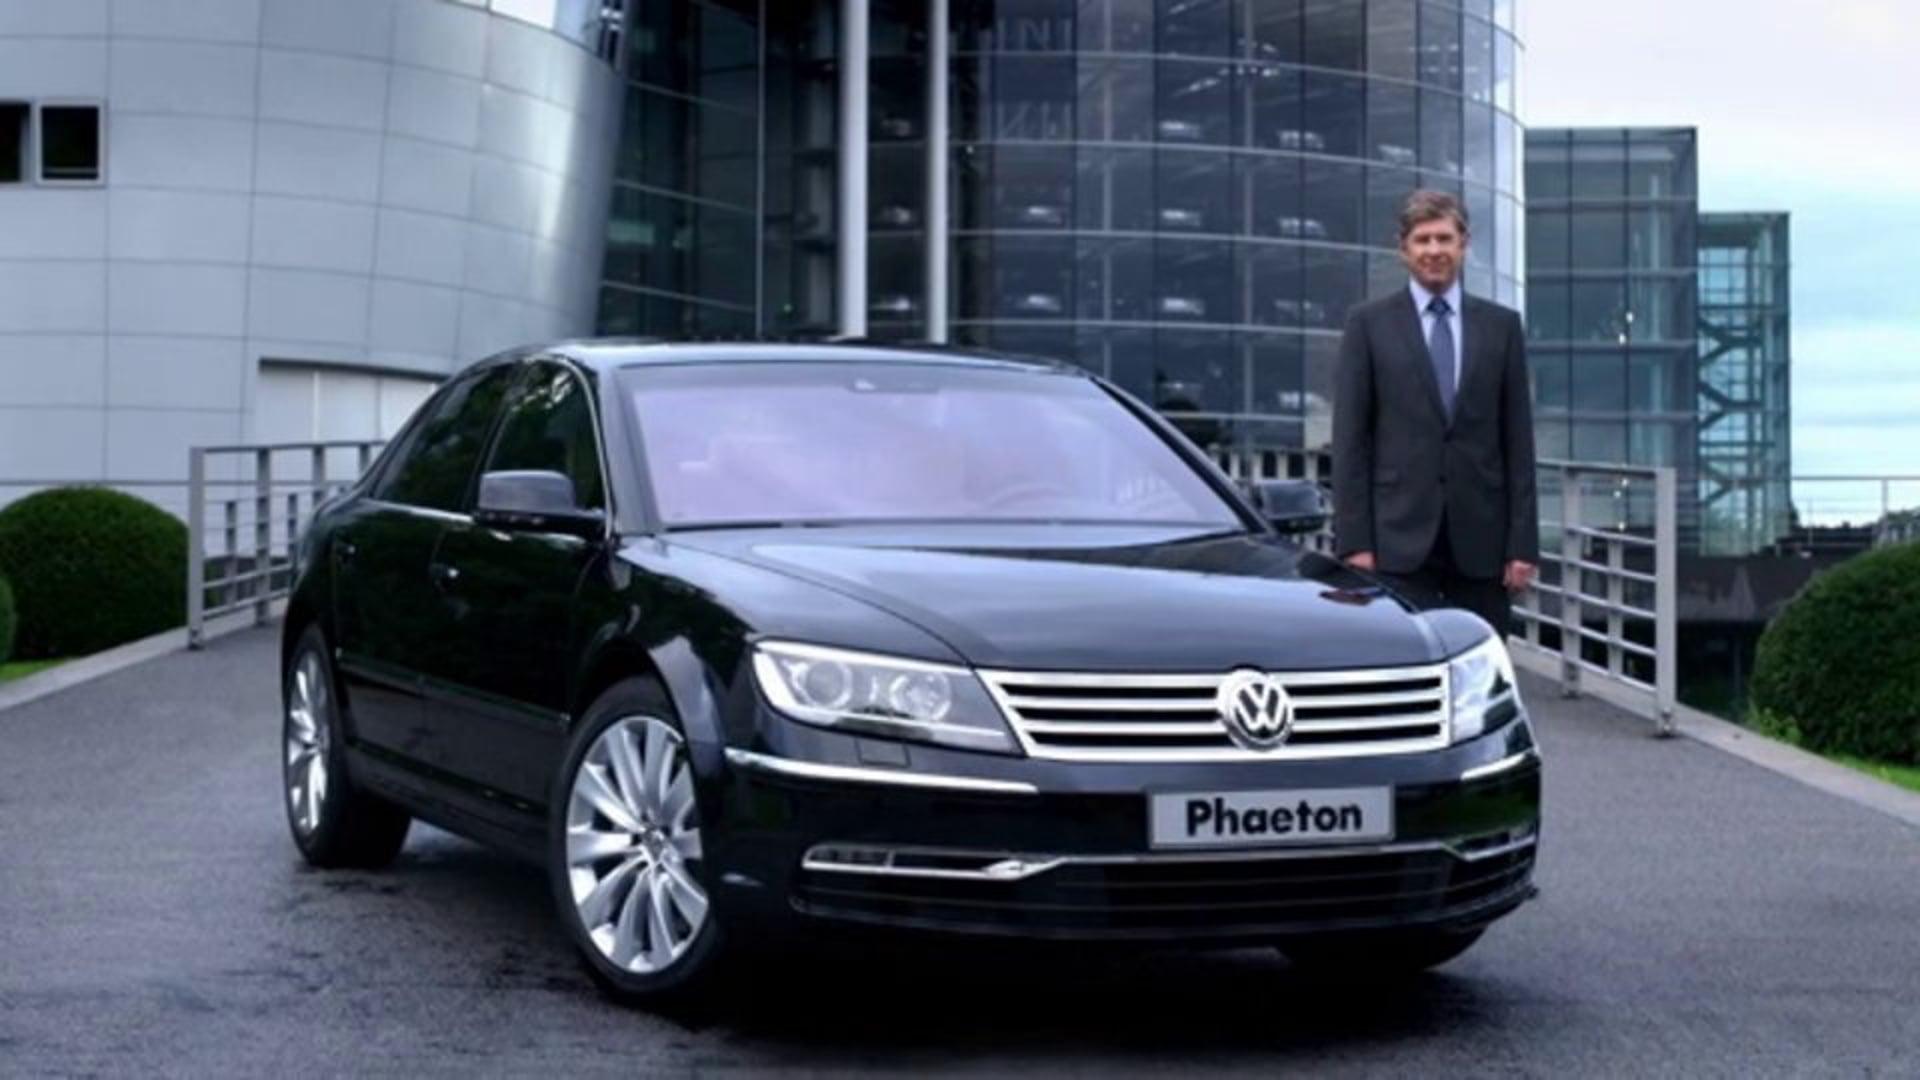 THE VISION. VW Phaeton/China